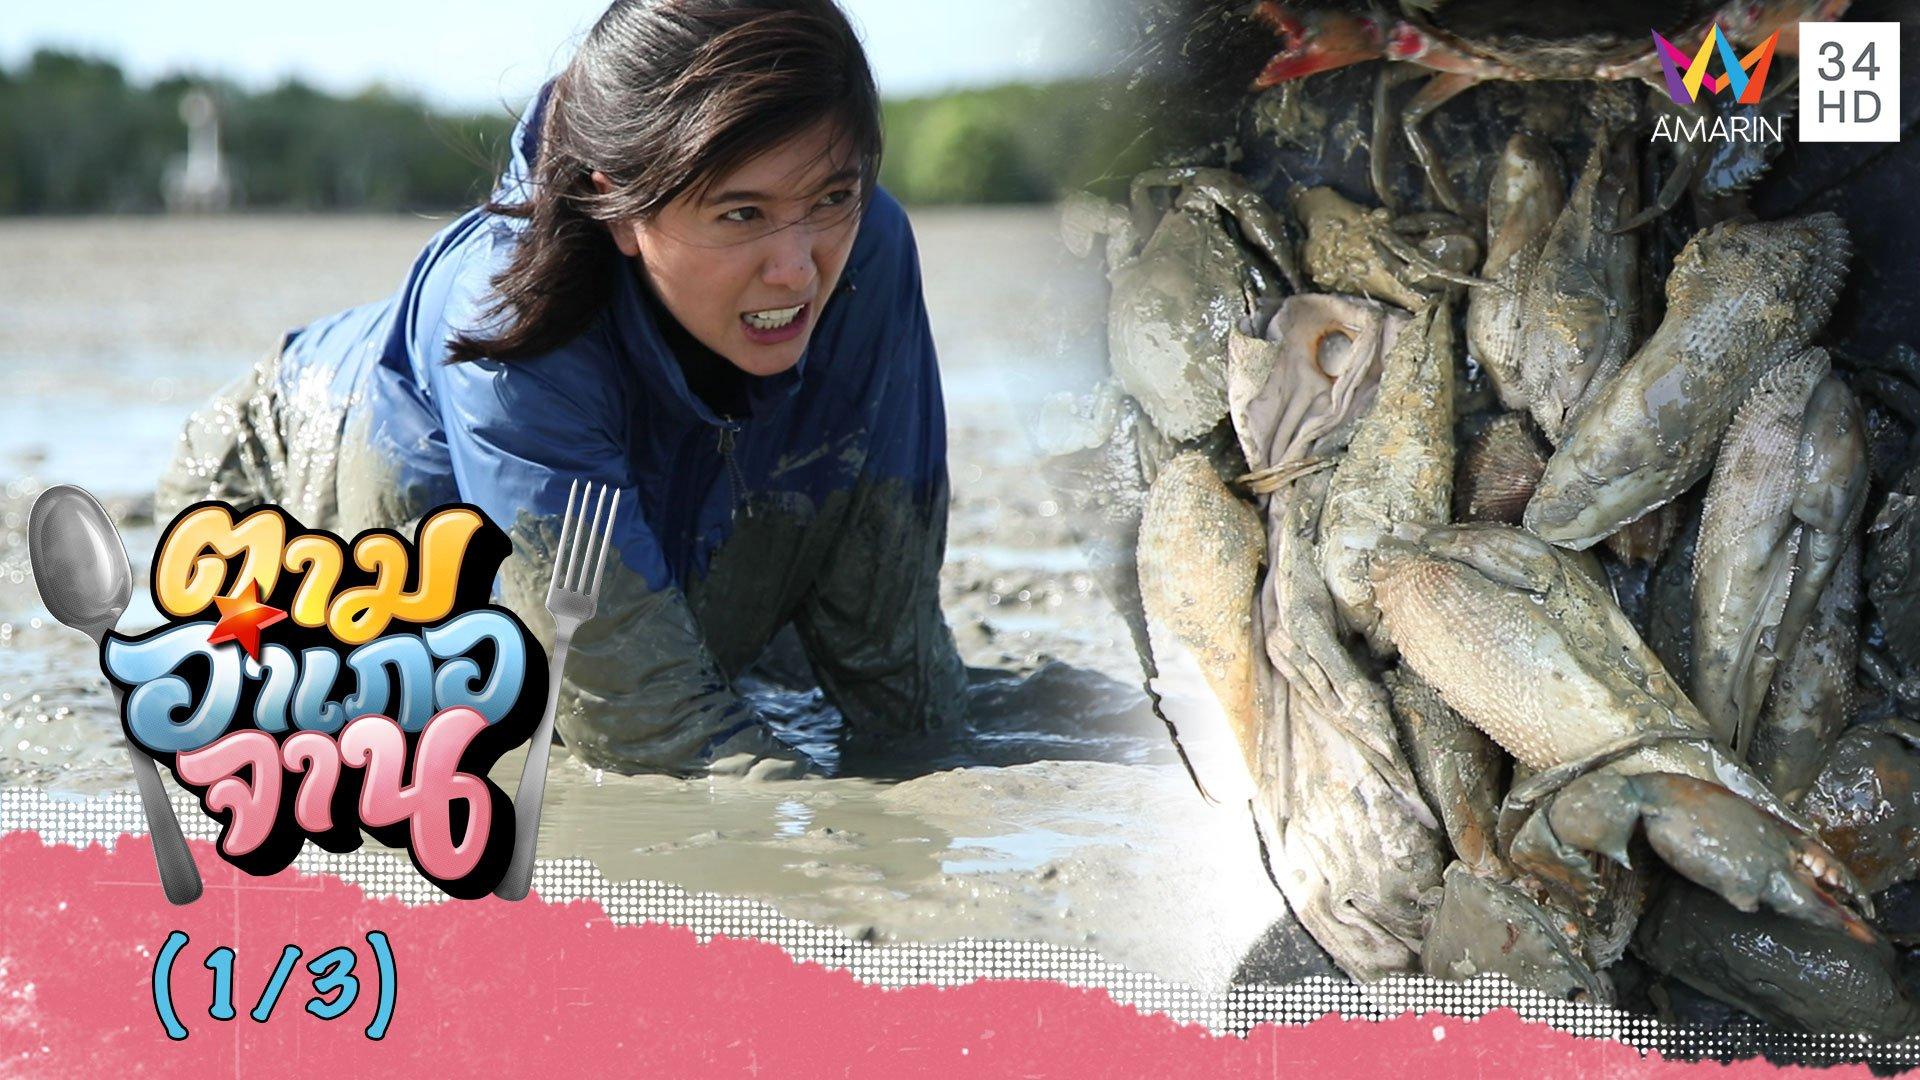 ลงใต้ตามหา 'หอยพิม' หอยหายาก จ.สตูล   ตามอำเภอจาน   21 มี.ค. 63 (1/3)   AMARIN TVHD34